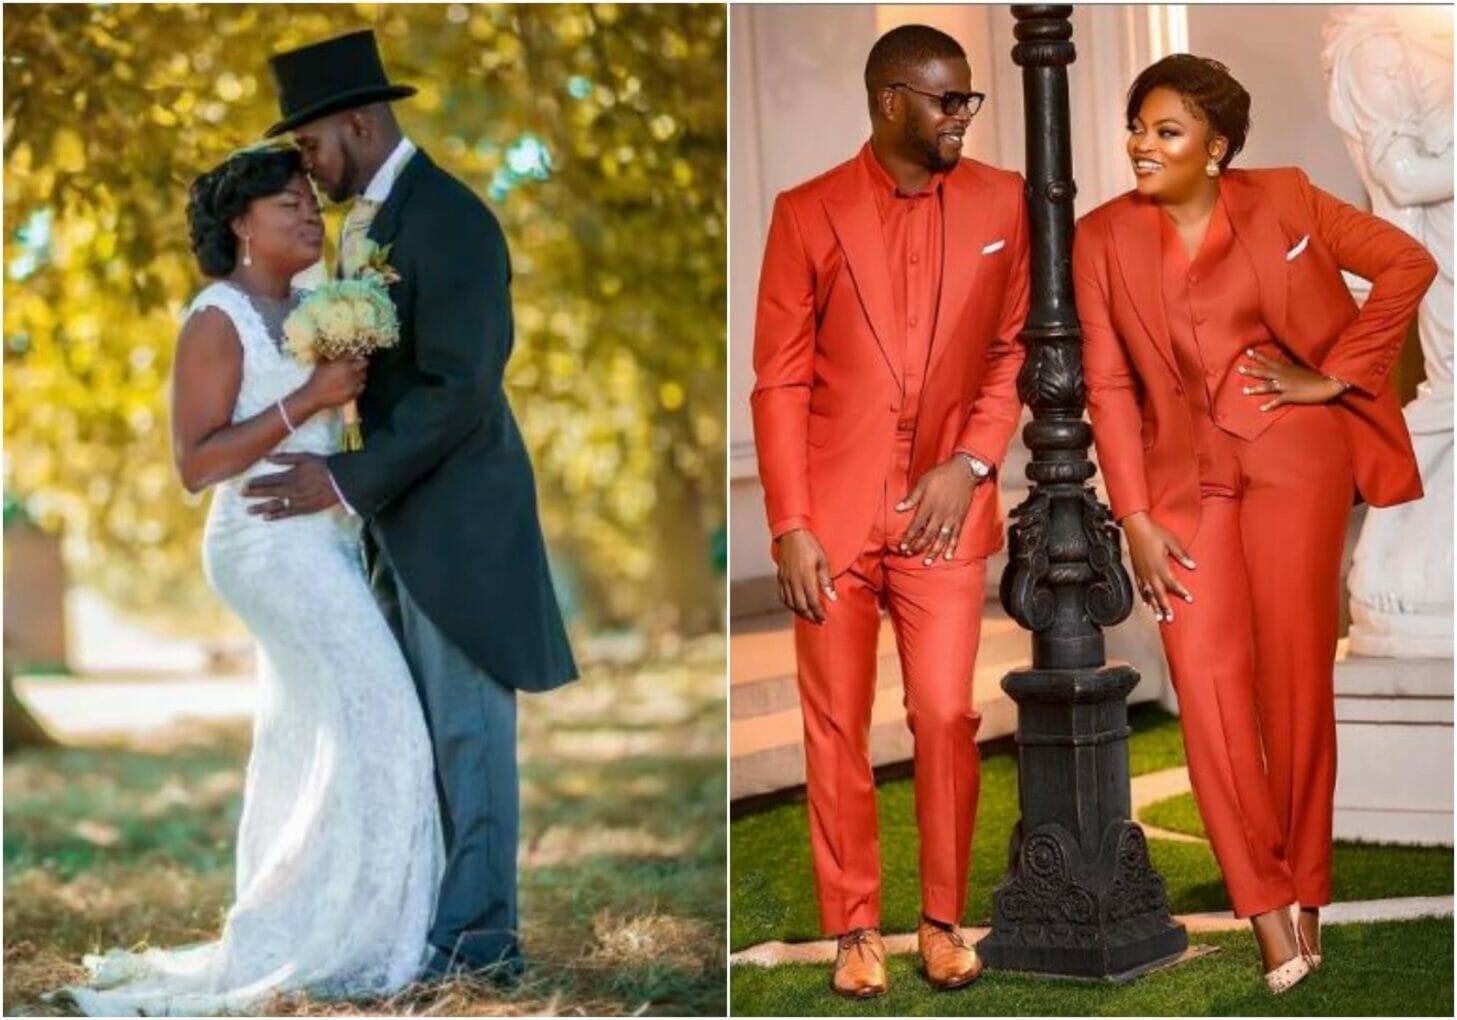 Funke Akindele and husband celebrate 5th wedding anniversary